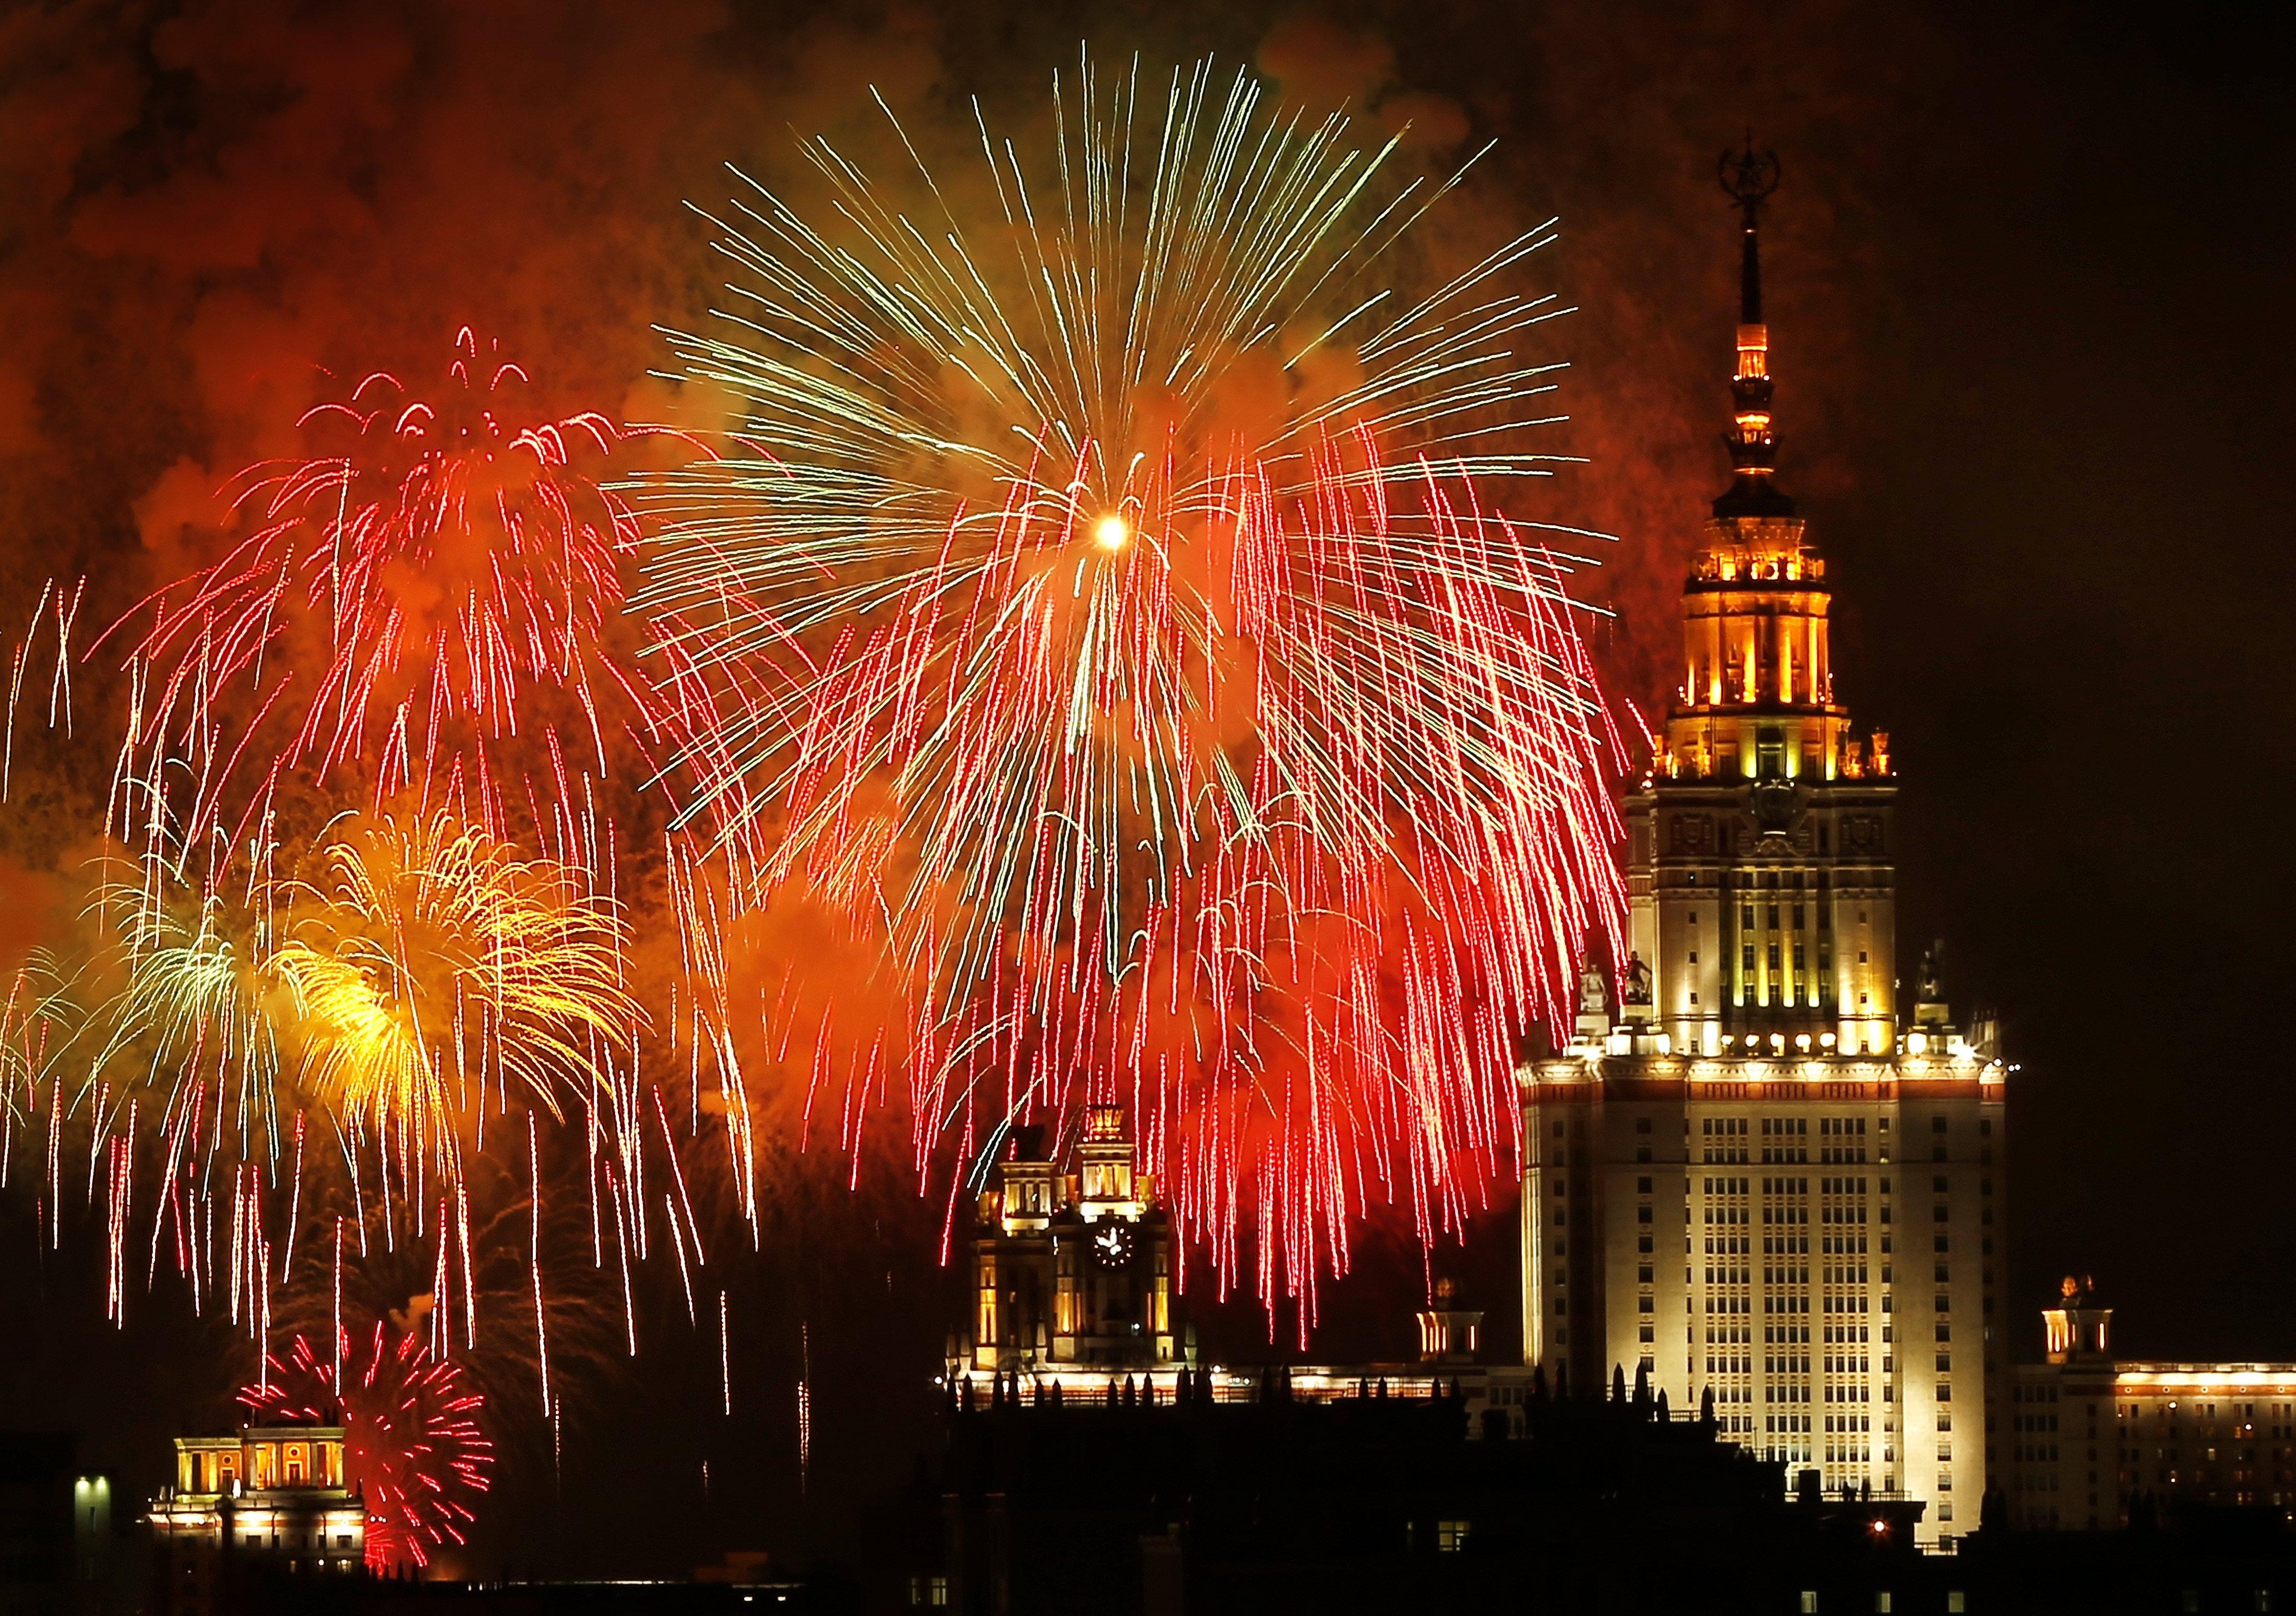 Vista general dels focs artificials que il·luminen la commemoració del 72 aniversari de la victòria  de Rússia sobre l'Alemanya Nazi al final de la Segona Guerra Mundial (Moscou). /YURI KOCHETKOV